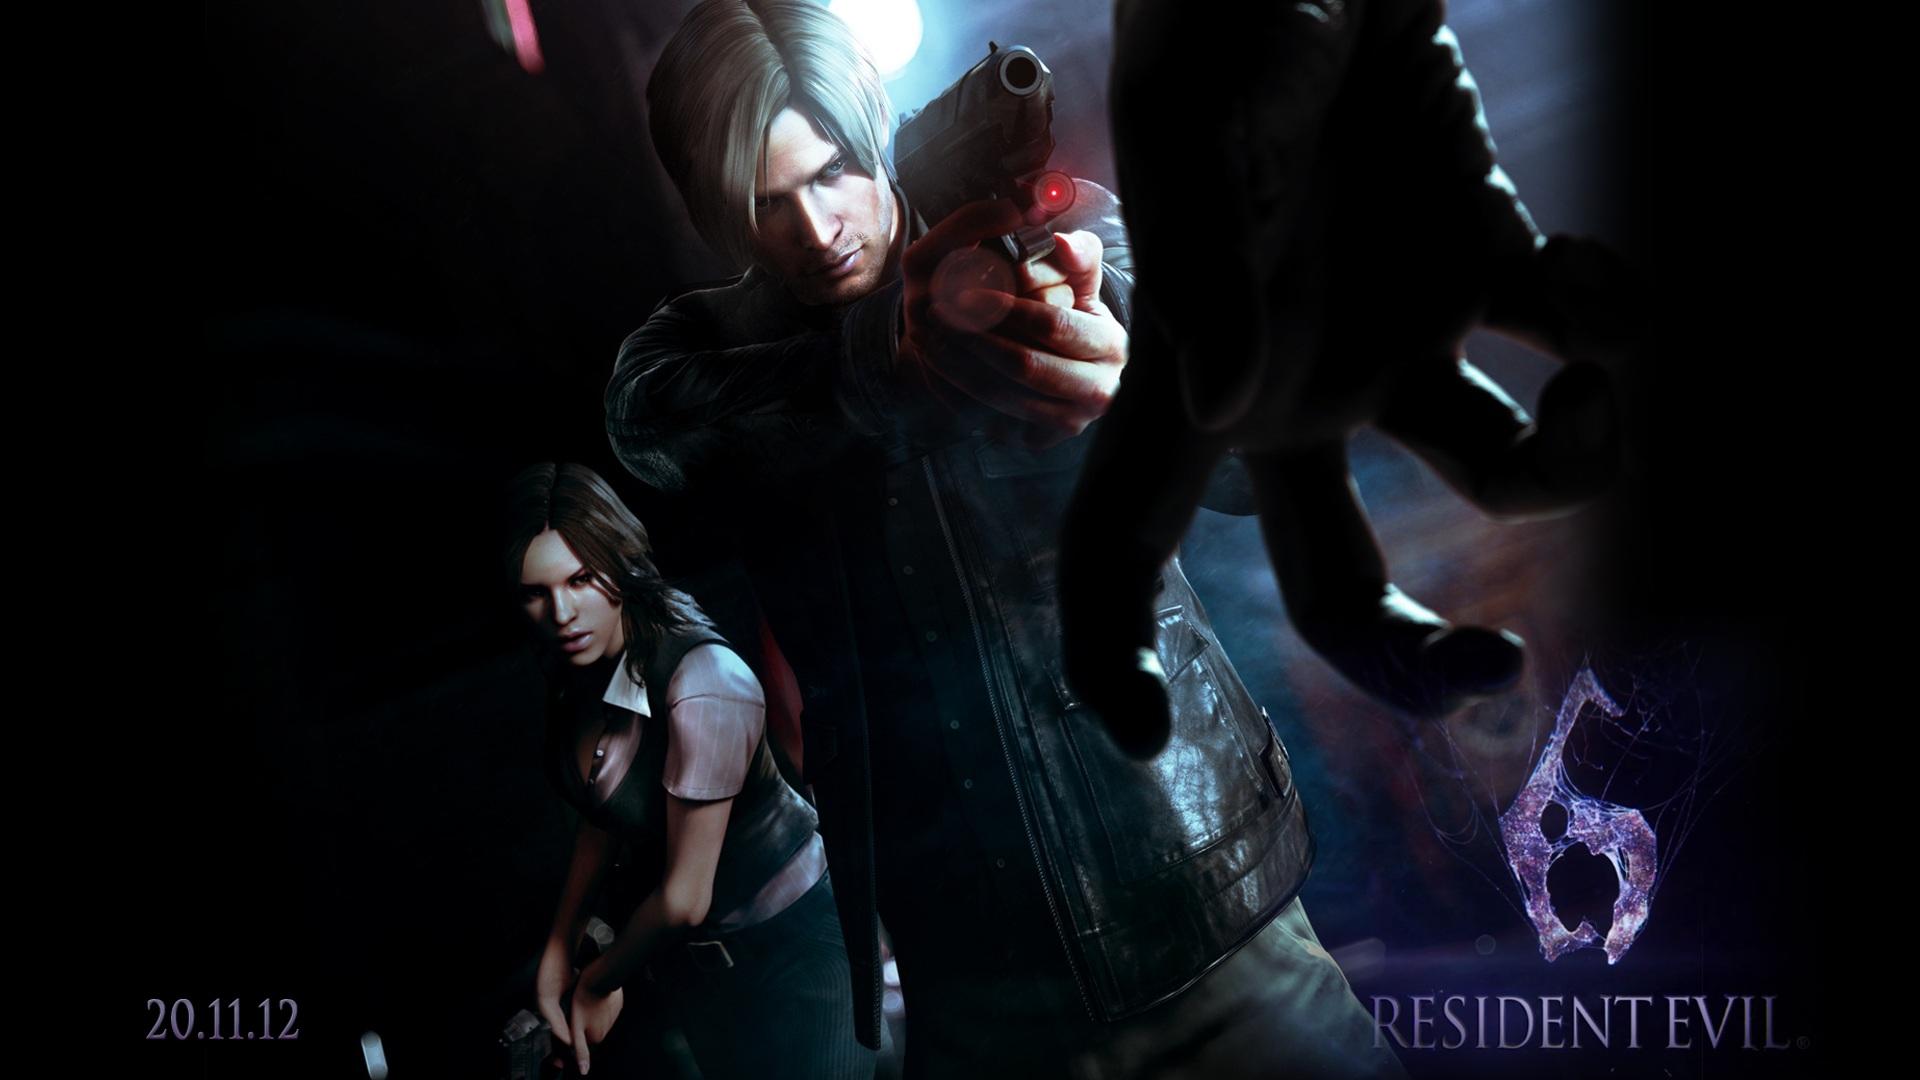 Resident Evil 6 wallpaper 3